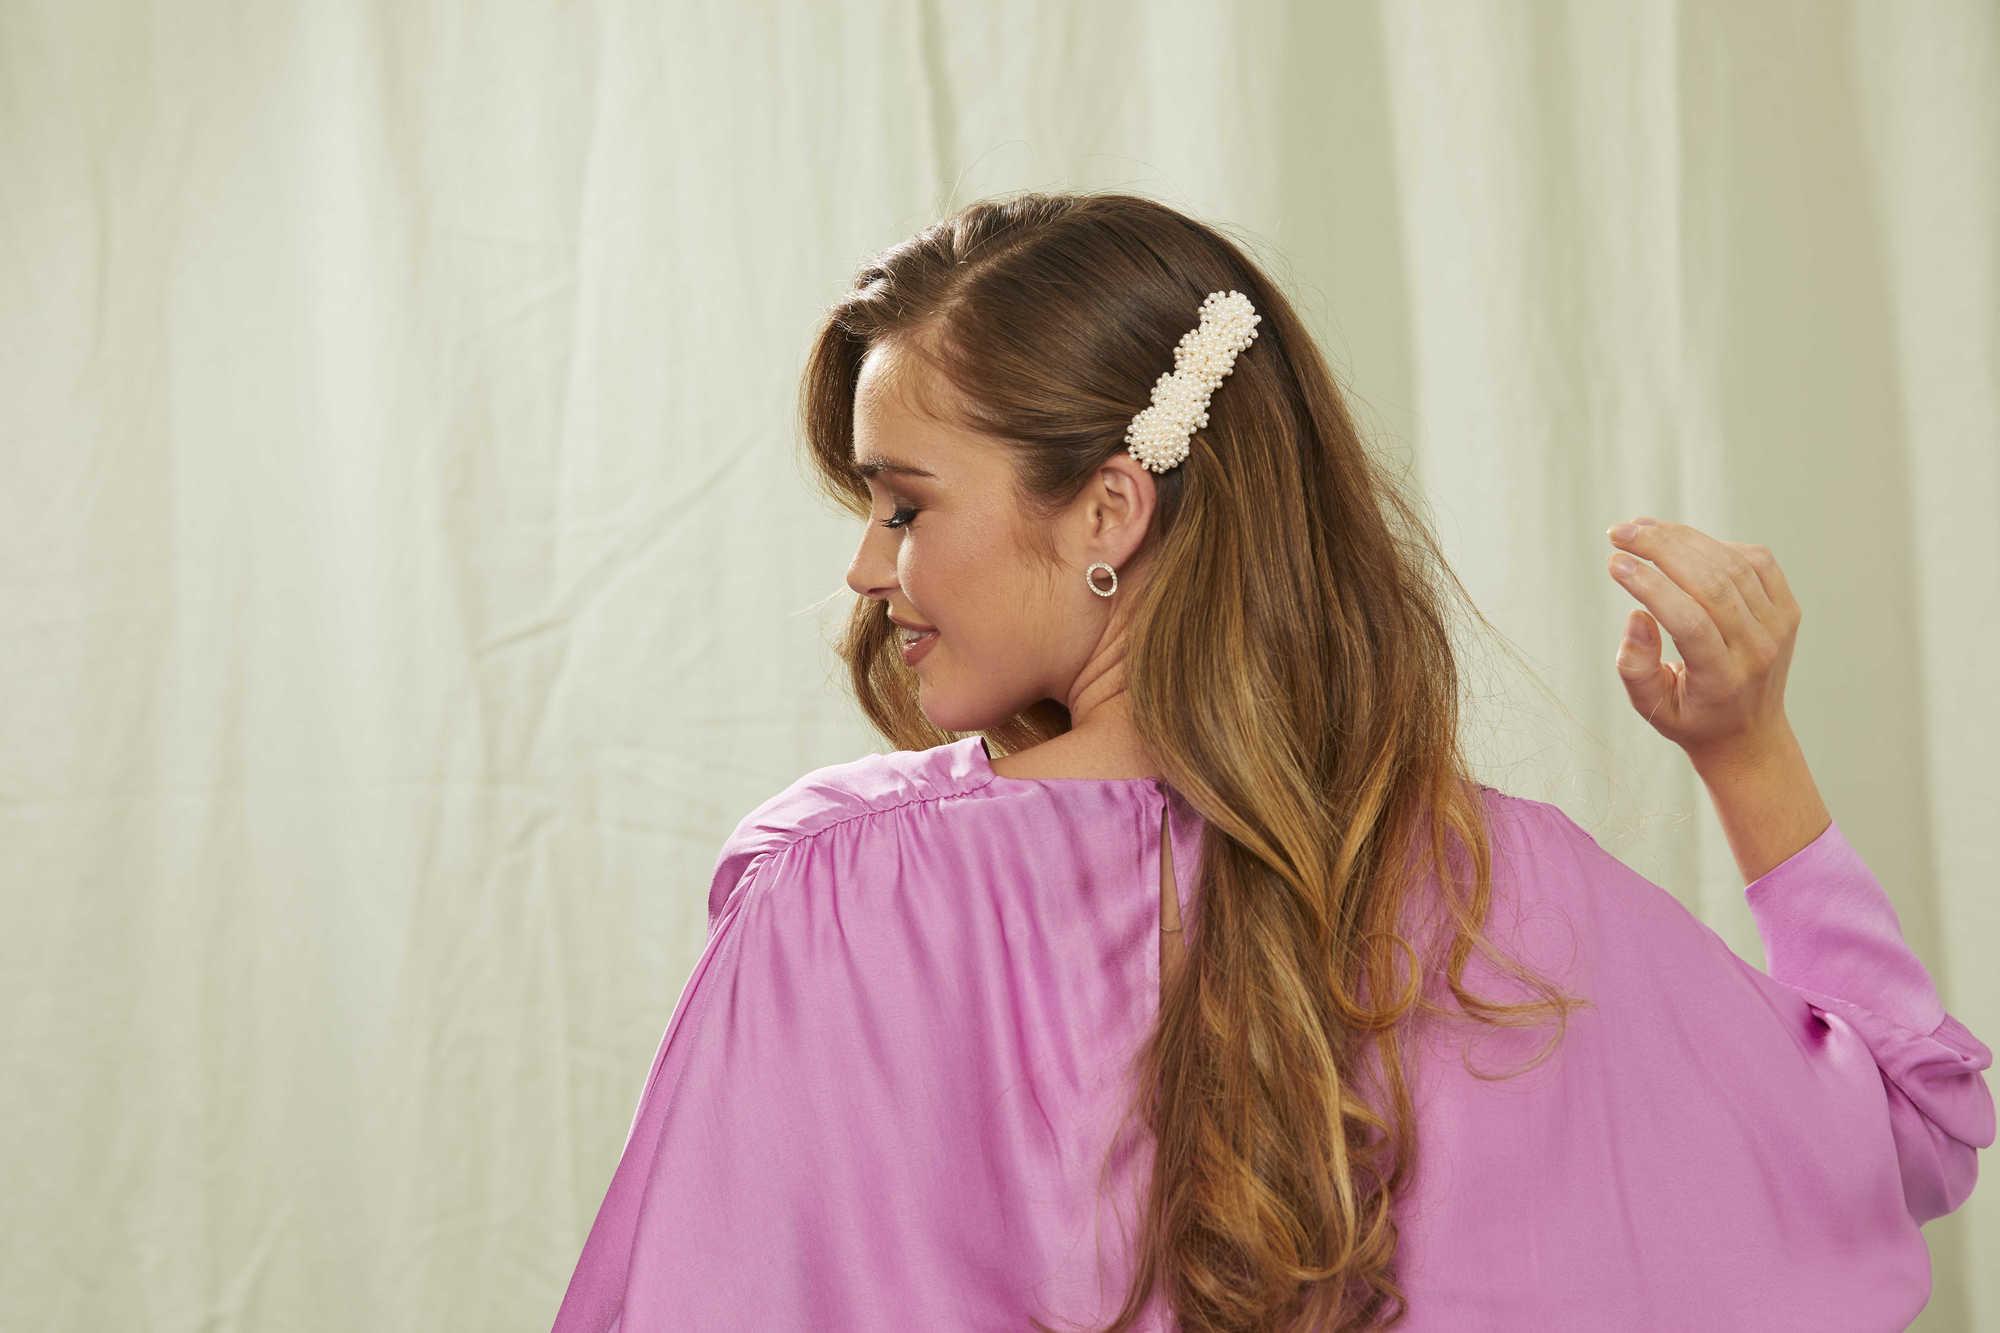 Femme aux longs cheveux blonds dorés ondulés avec une barrette